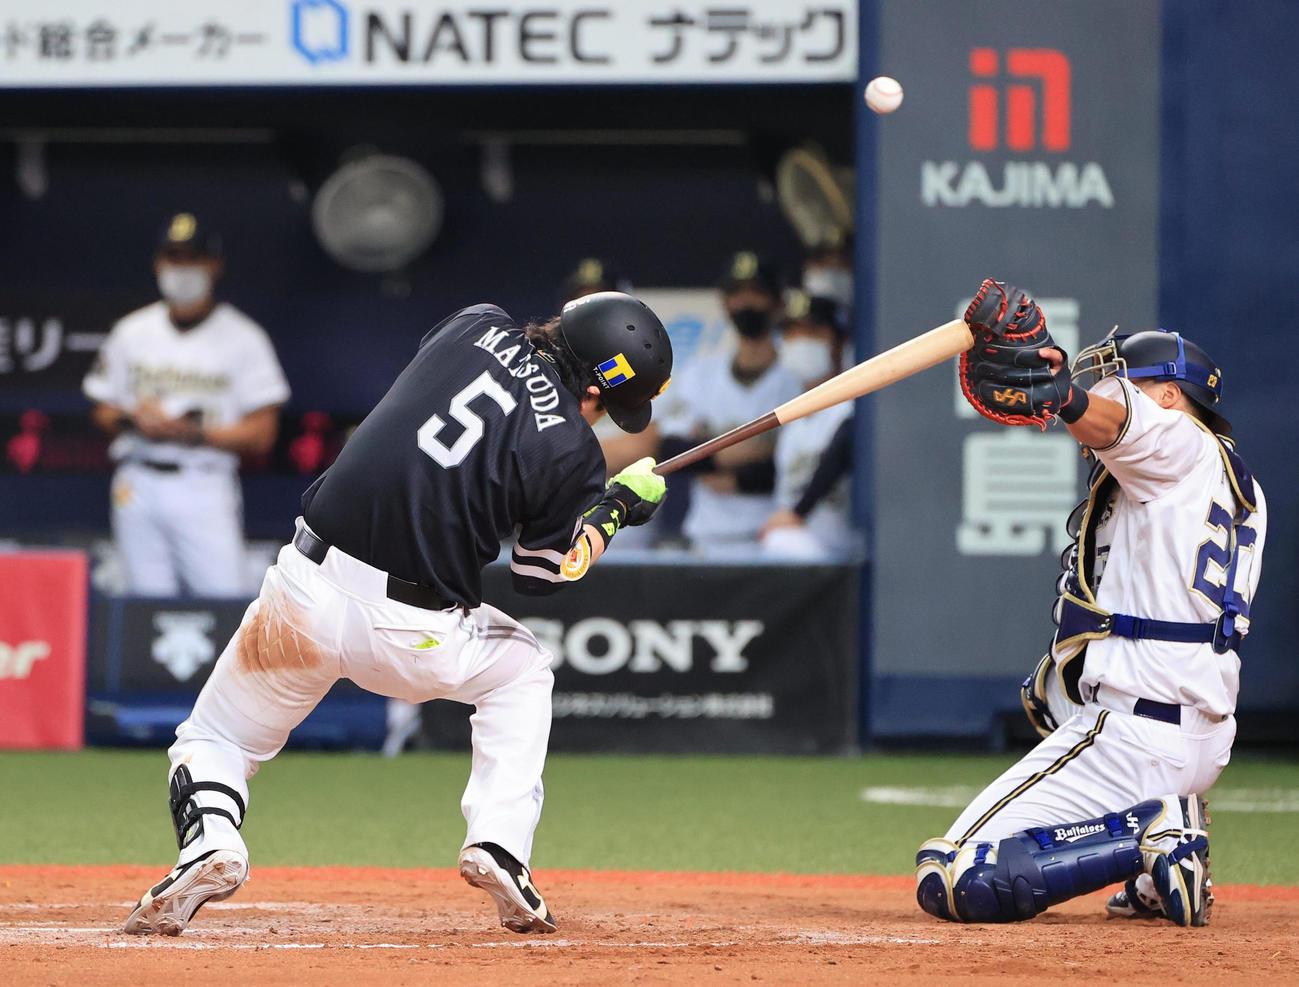 オリックス対ソフトバンク 8回表ソフトバンク2死一塁、頭部に死球を受ける松田宣浩(撮影・清水貴仁)